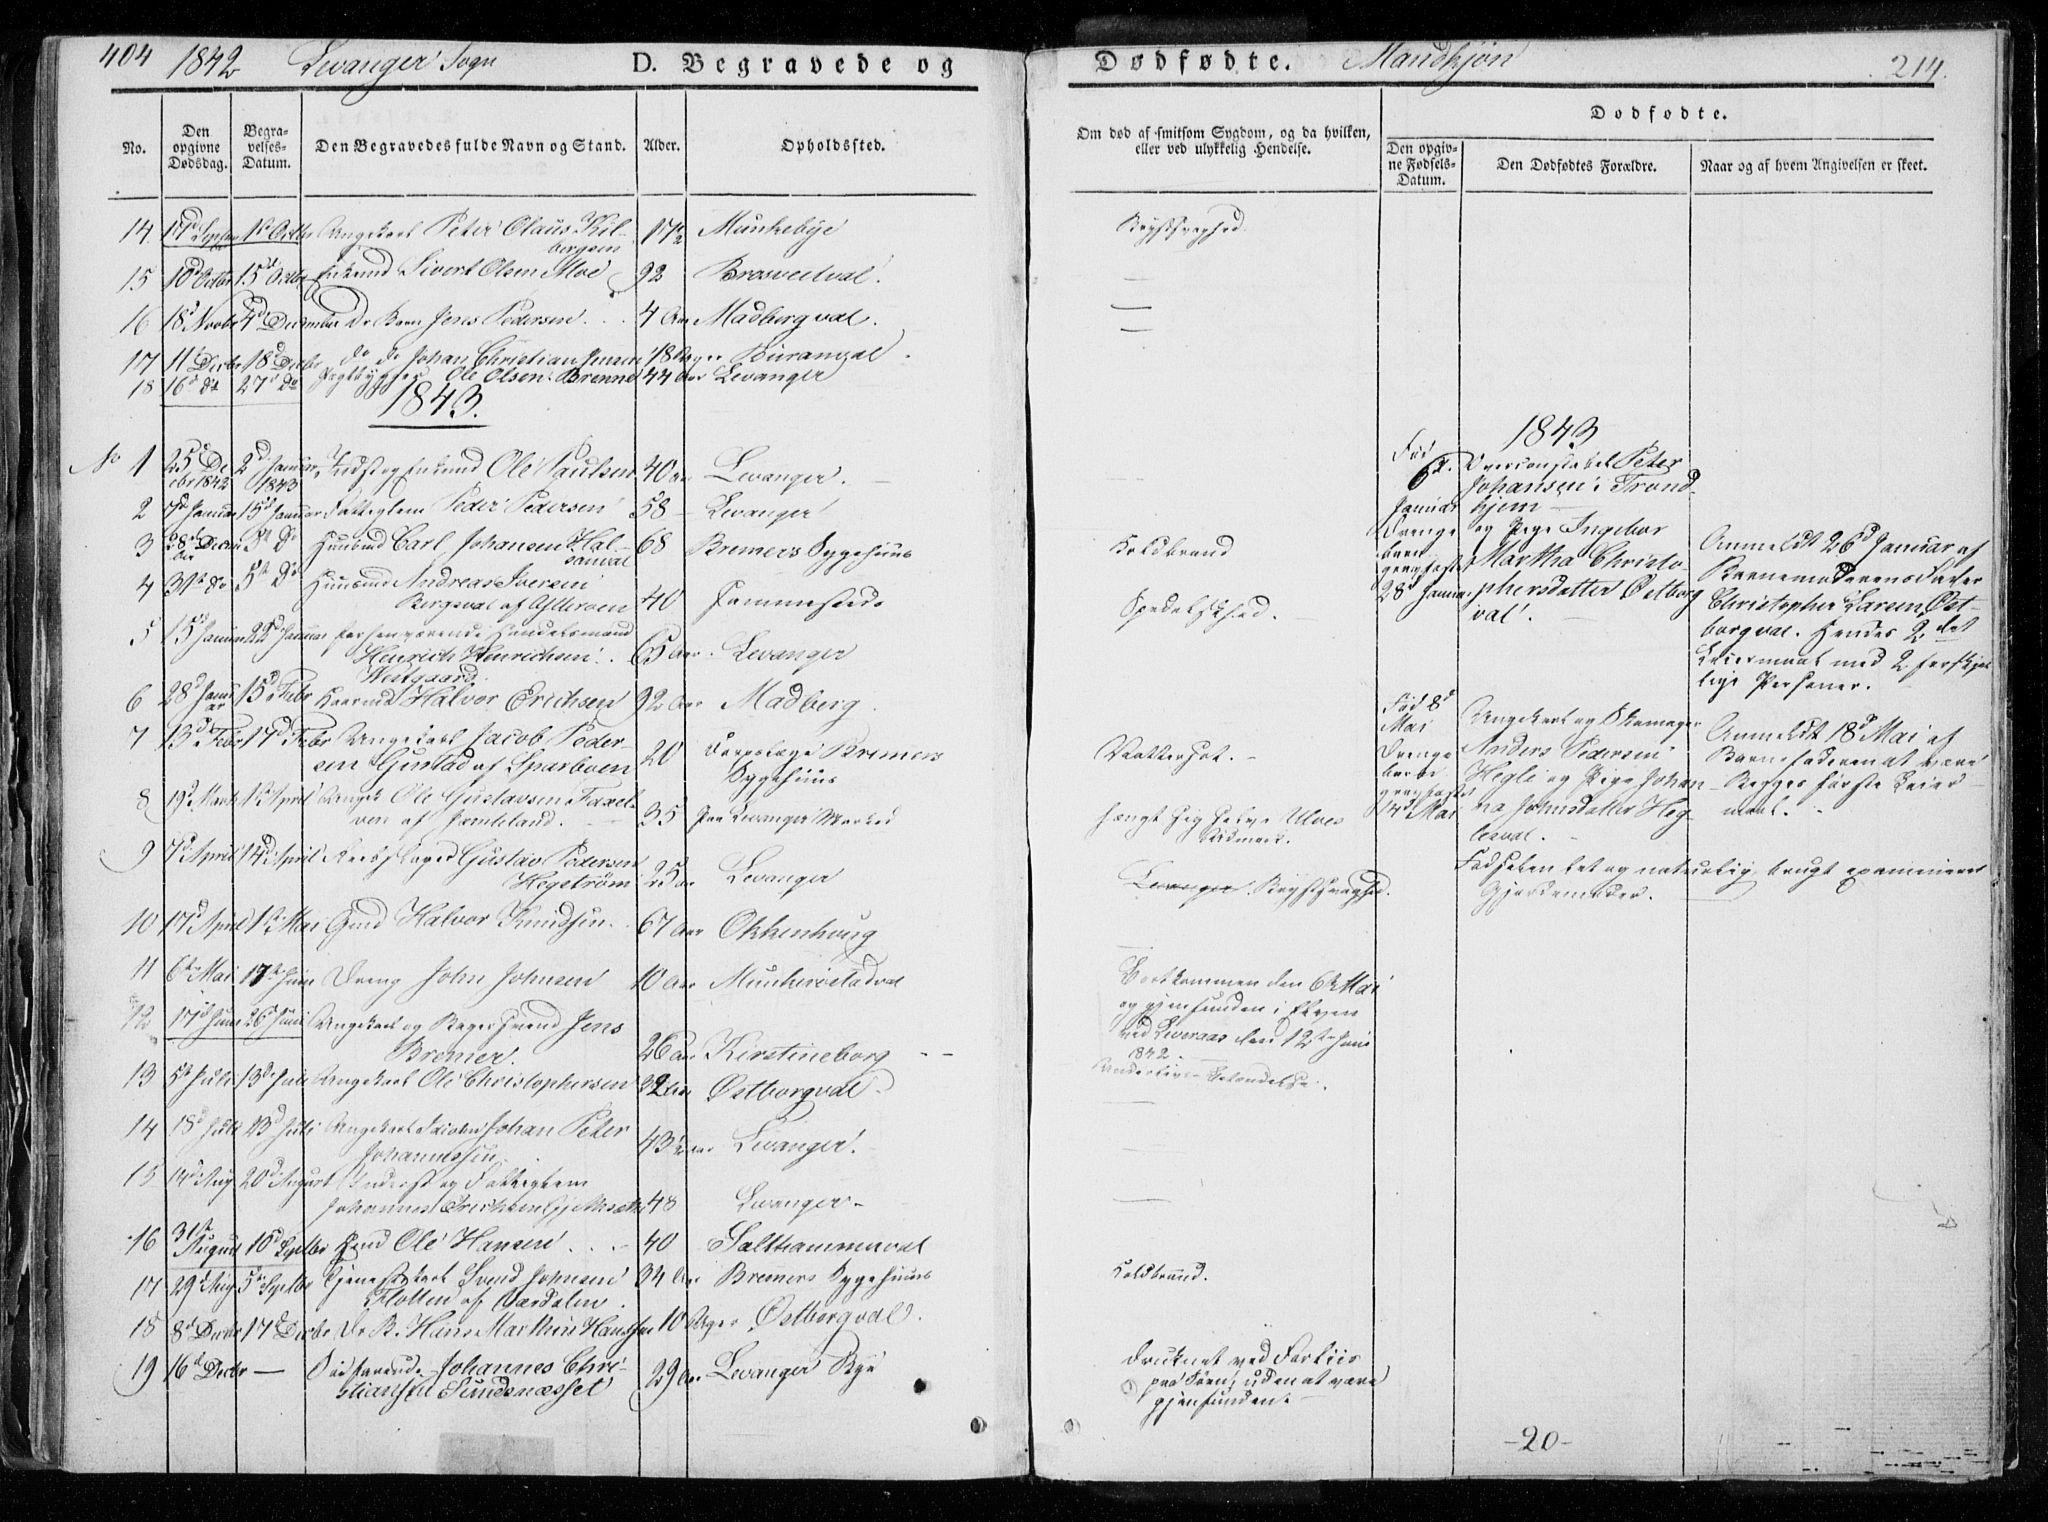 SAT, Ministerialprotokoller, klokkerbøker og fødselsregistre - Nord-Trøndelag, 720/L0183: Ministerialbok nr. 720A01, 1836-1855, s. 214